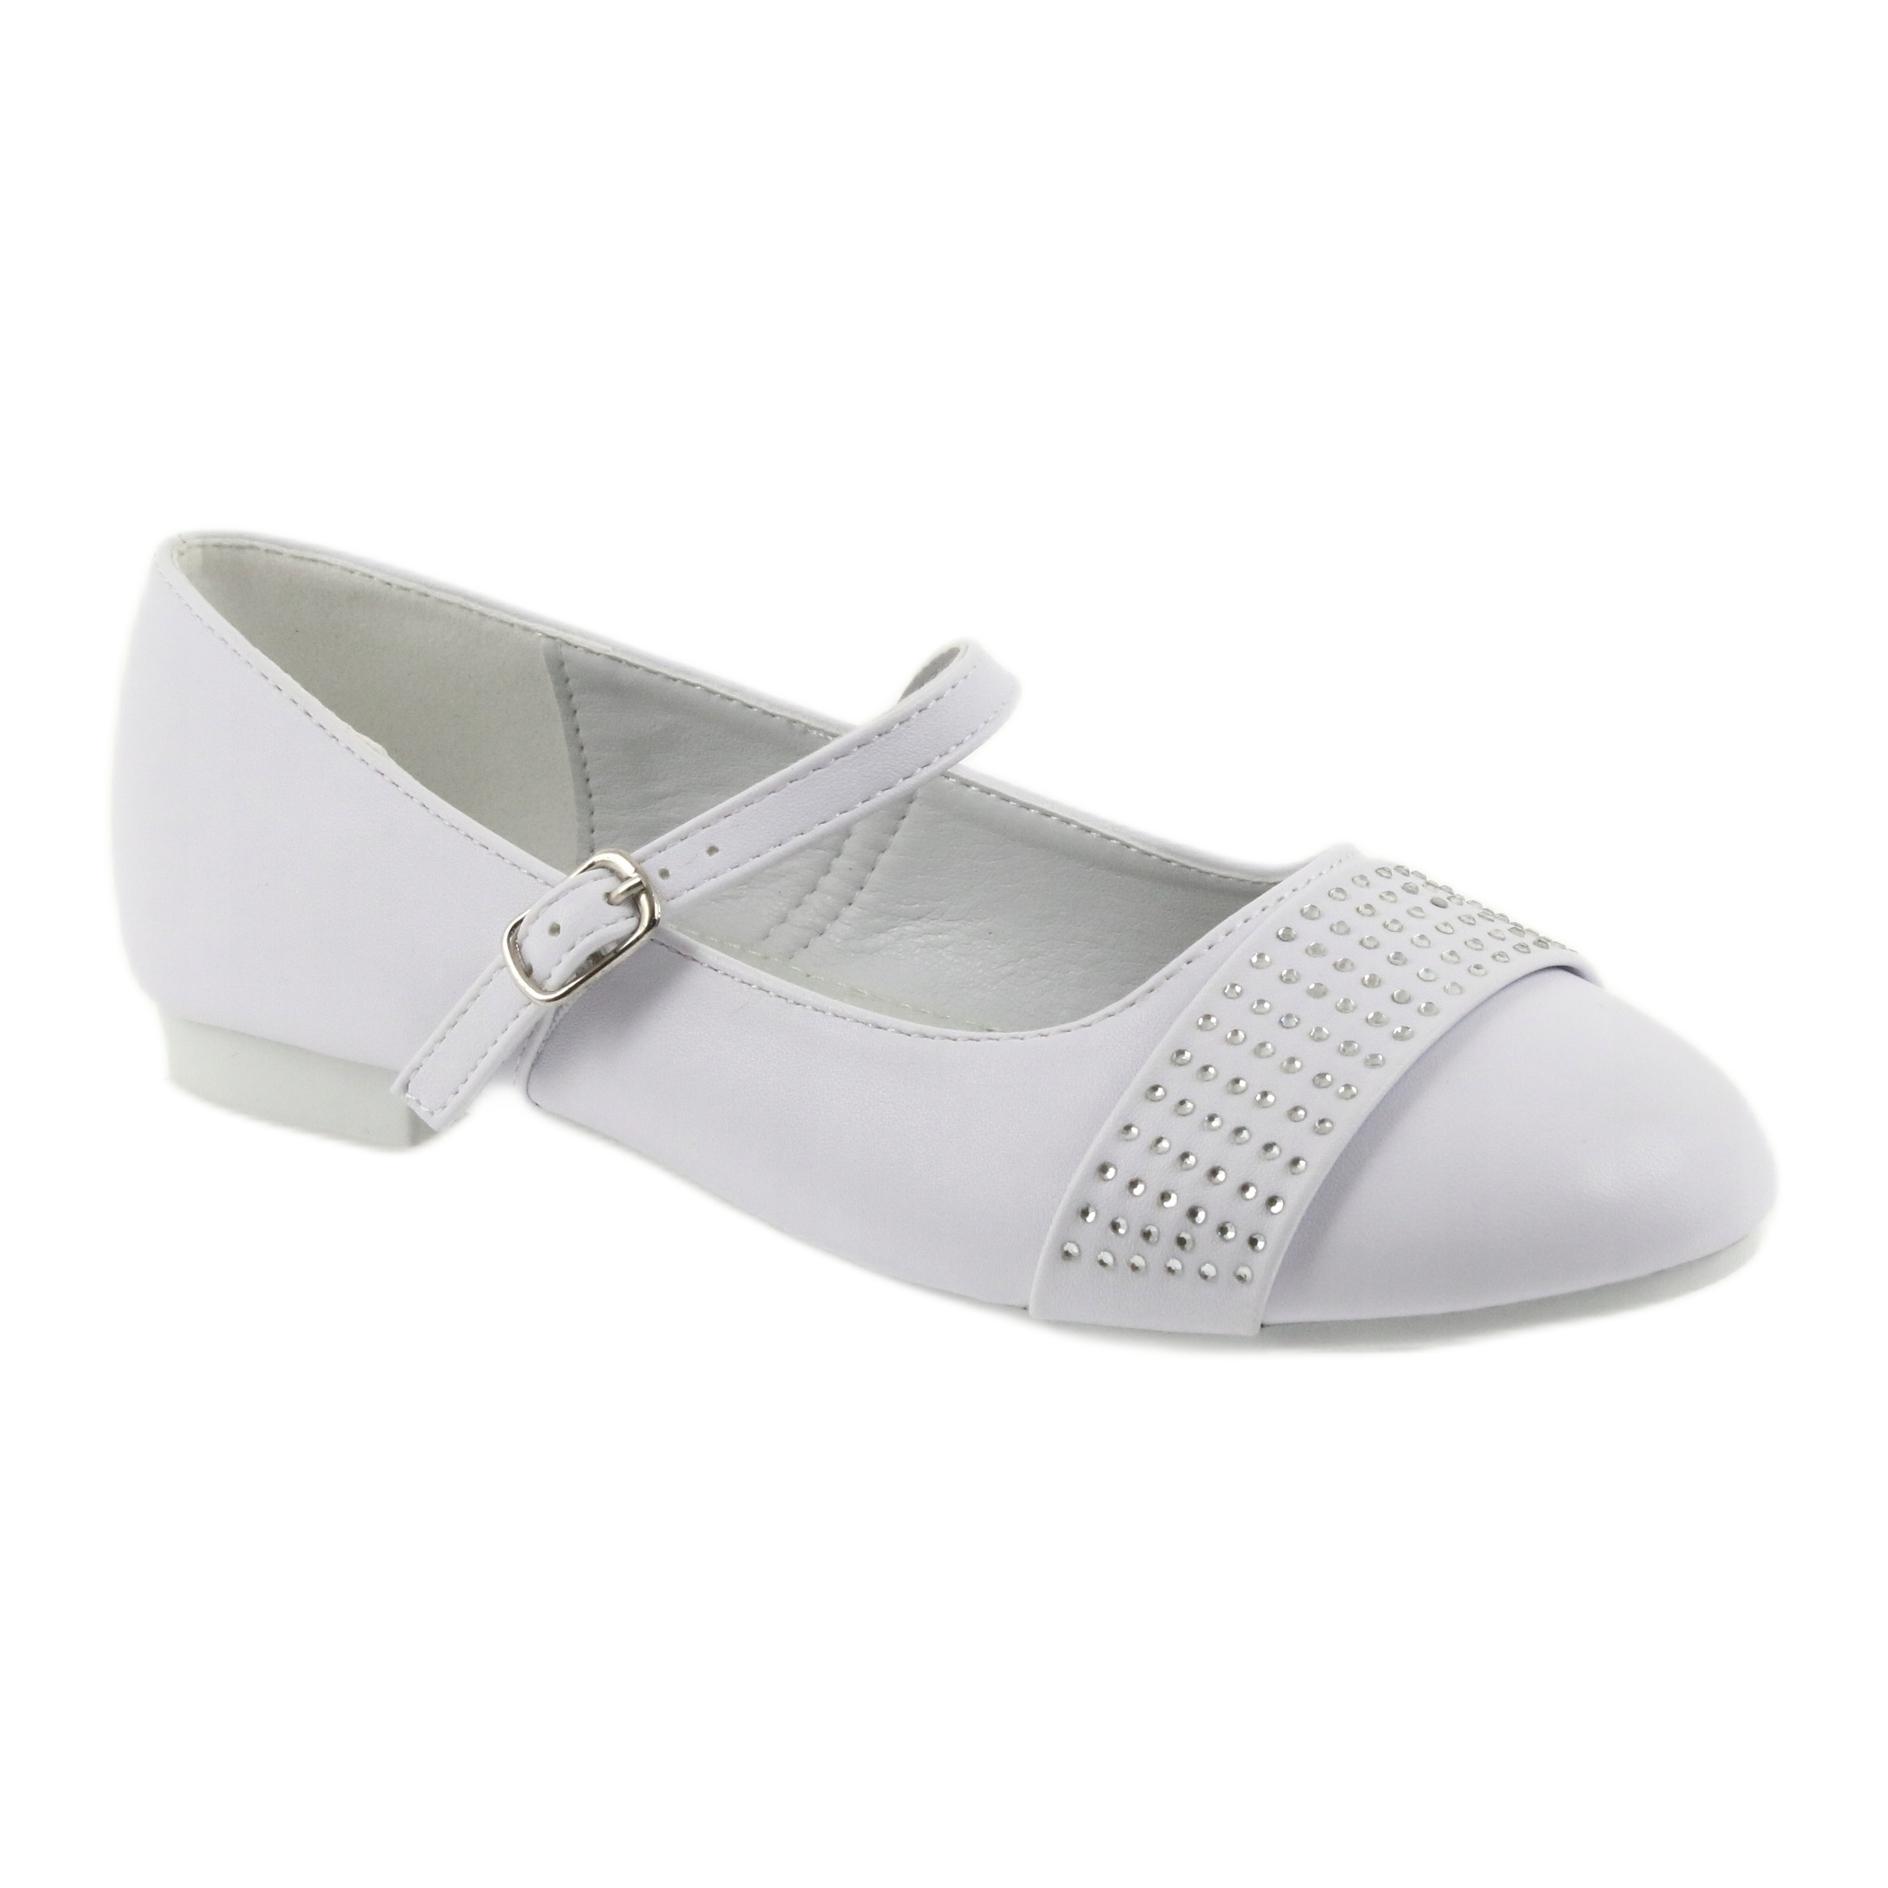 miniatura 2 - Pompe scarpe per bambini Comunione Ballerine strass American Club 11/19 bianco